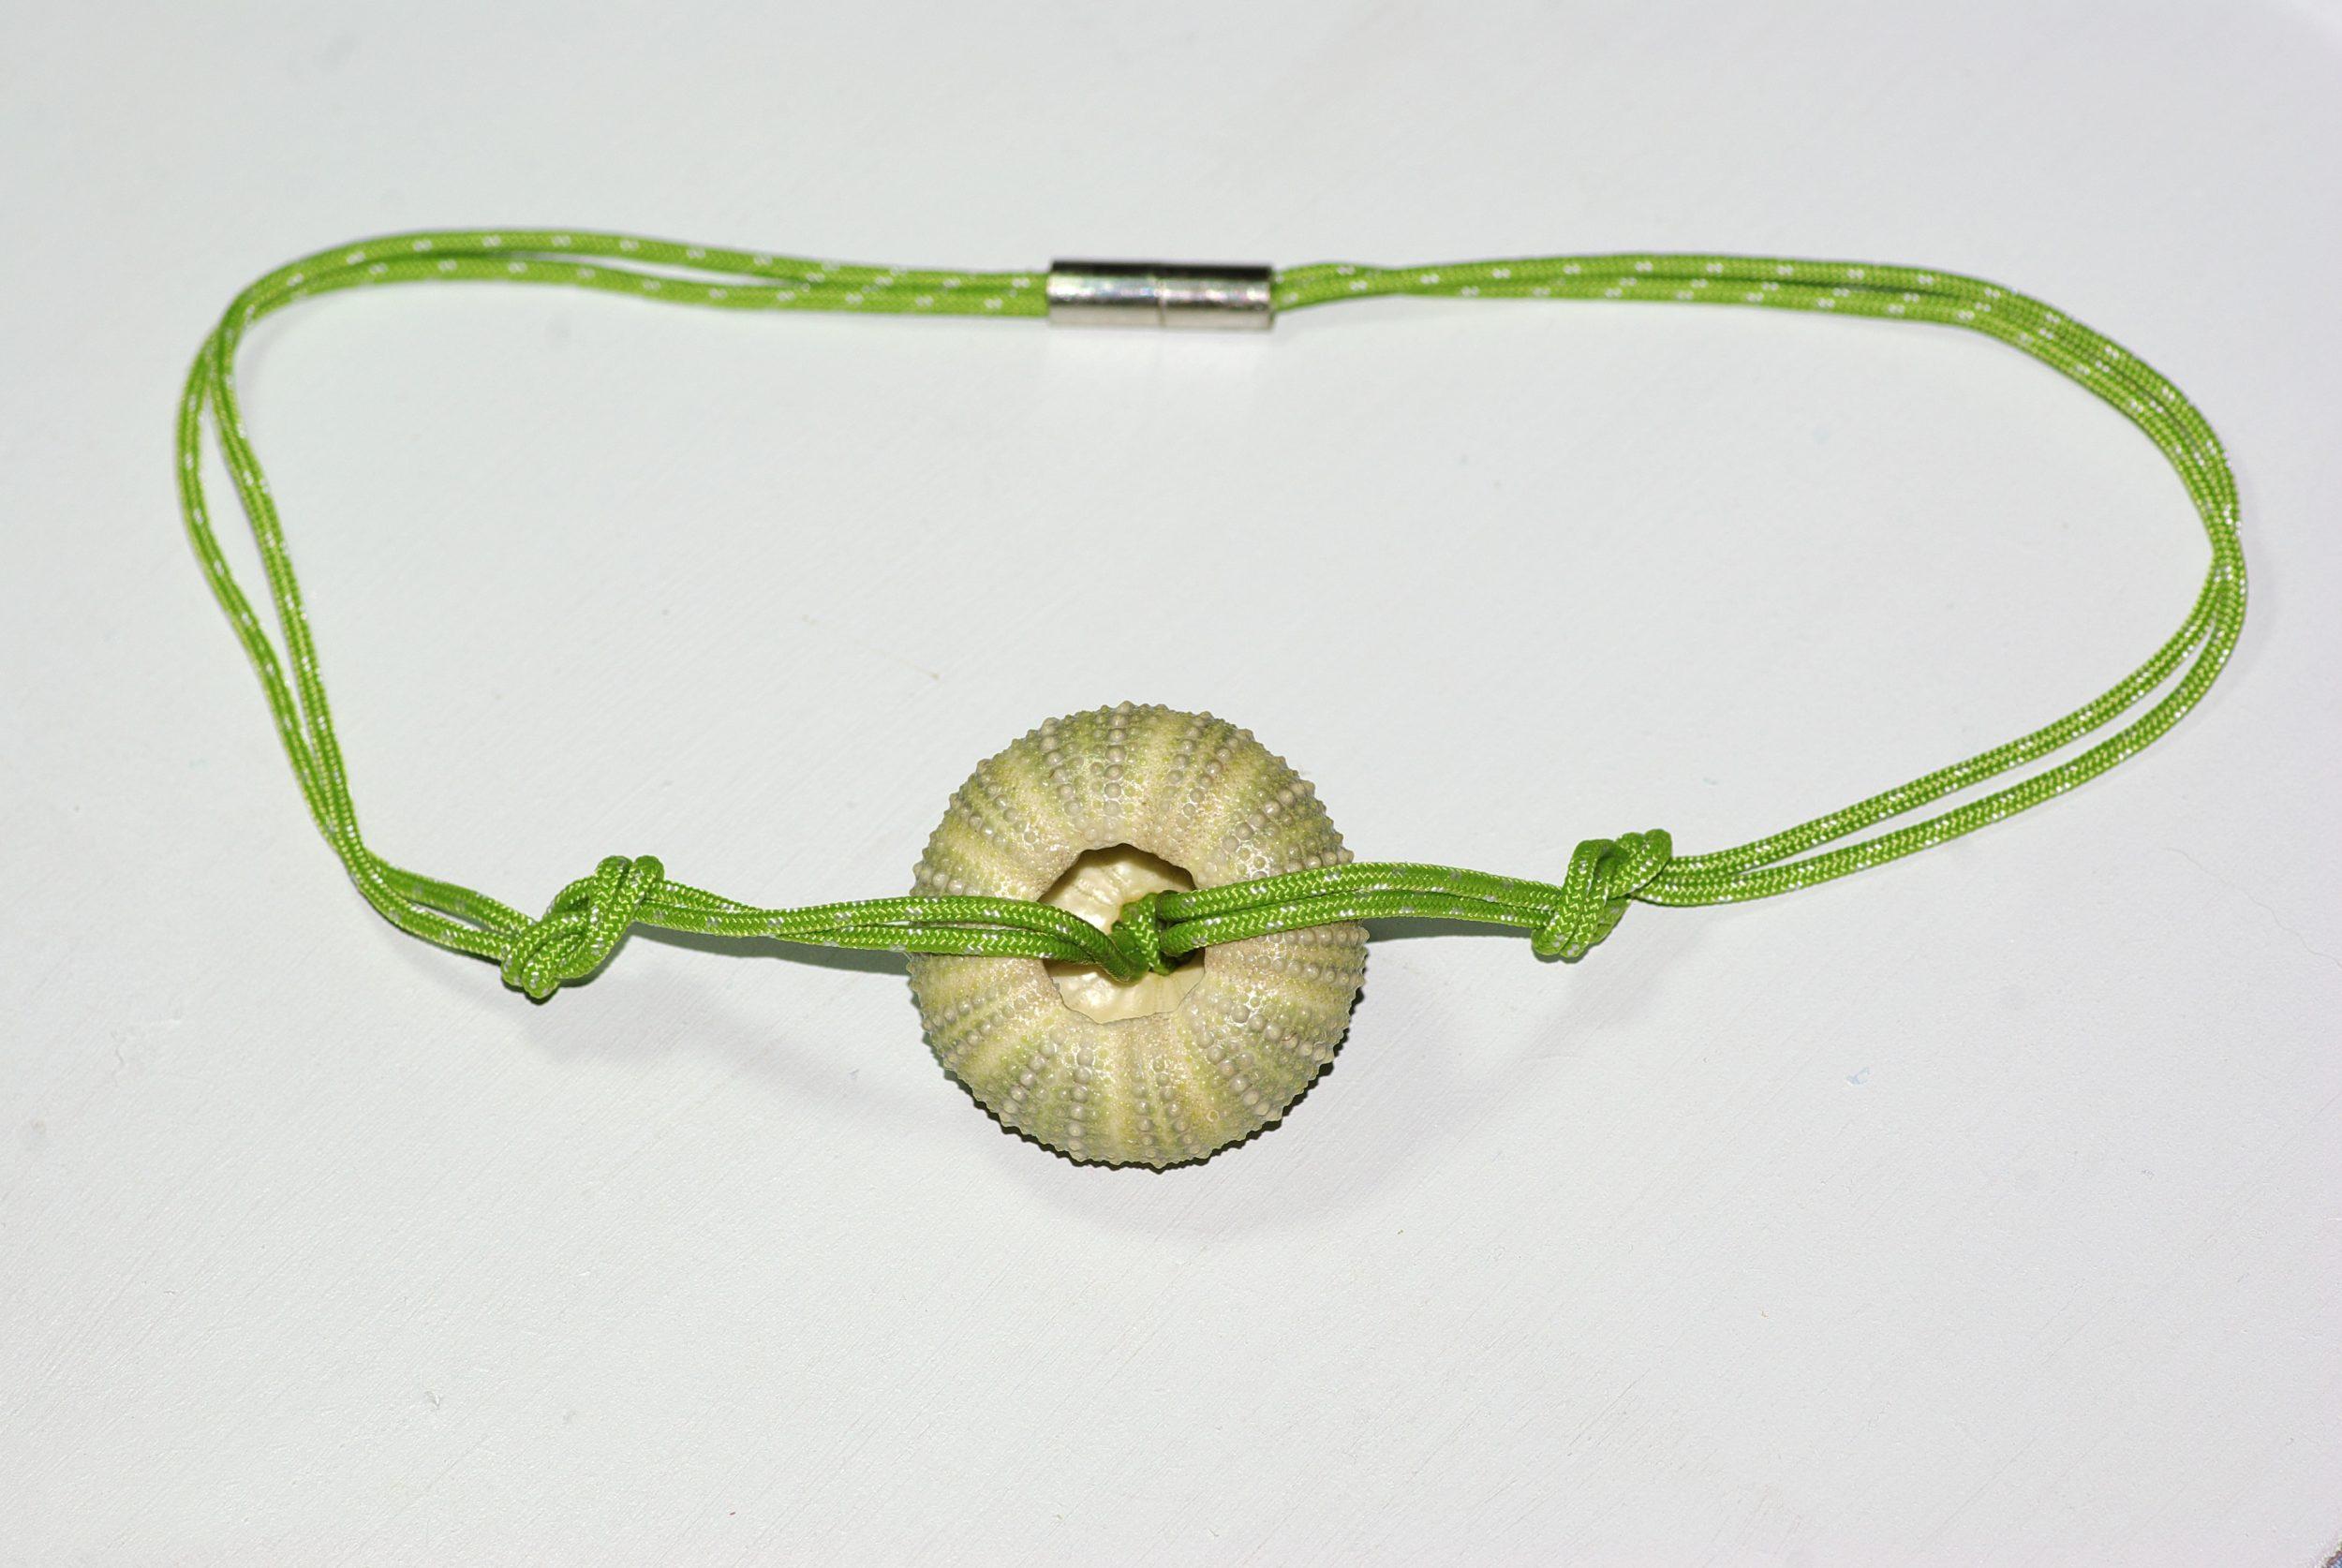 collier en cordelette marine verte nouée et pendentif oursin, on voit le dos de l'oursin